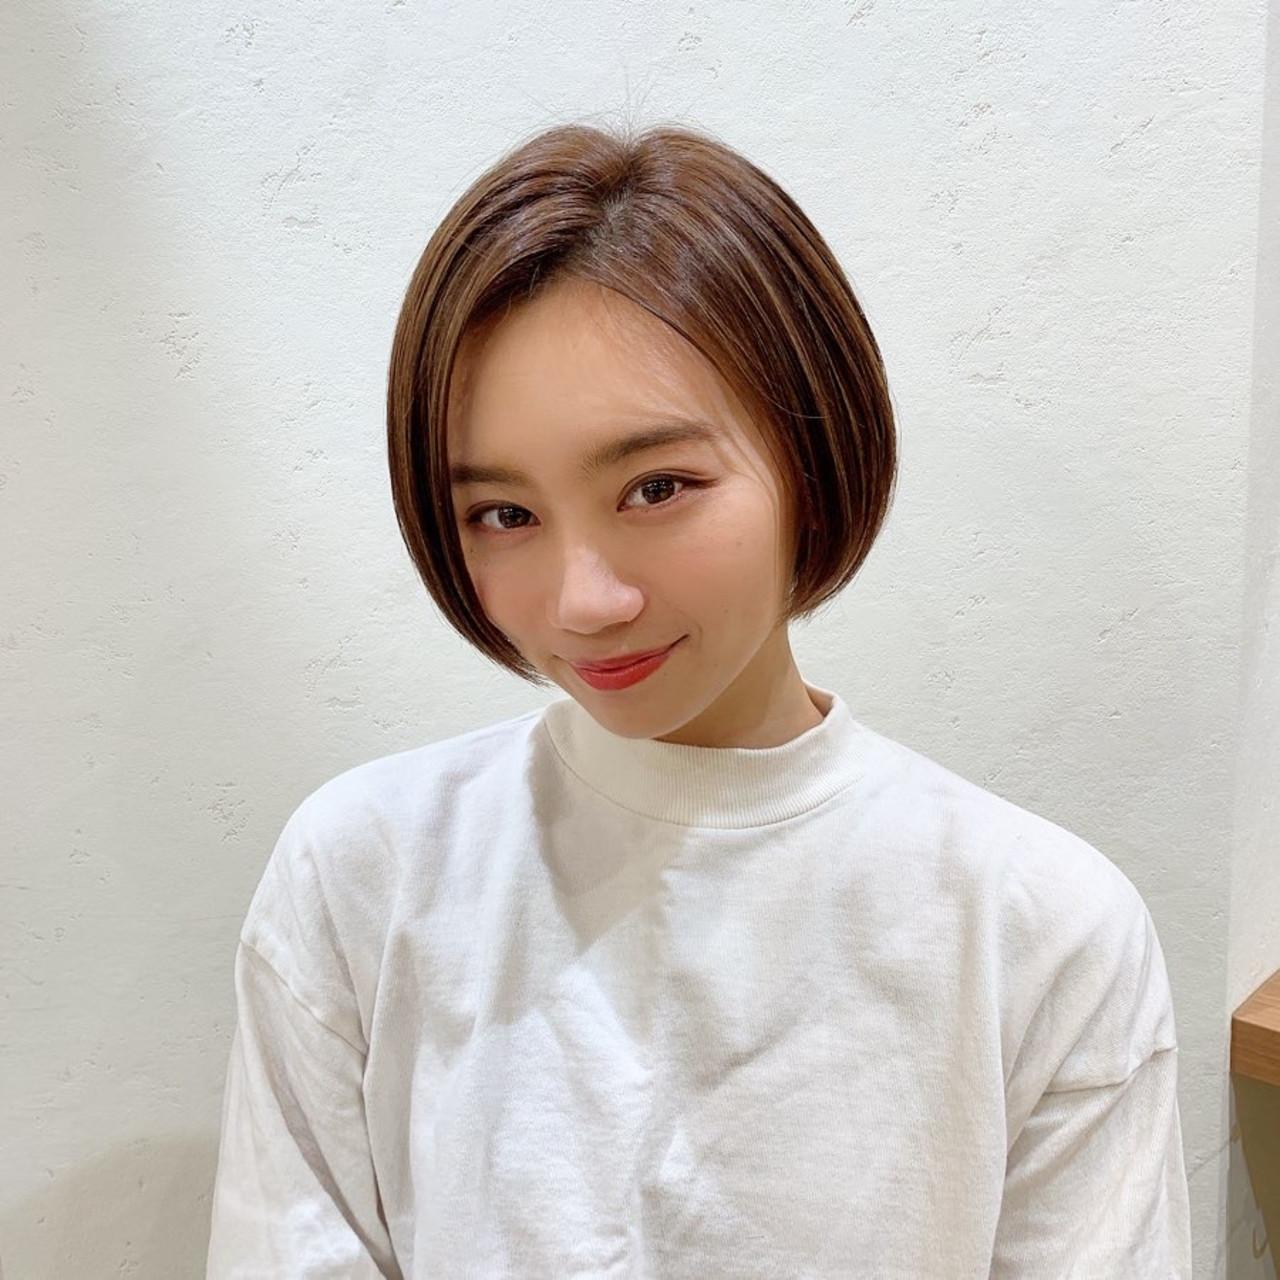 ハンサムショート ショート ショートヘア ショートボブ ヘアスタイルや髪型の写真・画像 | 山口 健太 / Lond ange